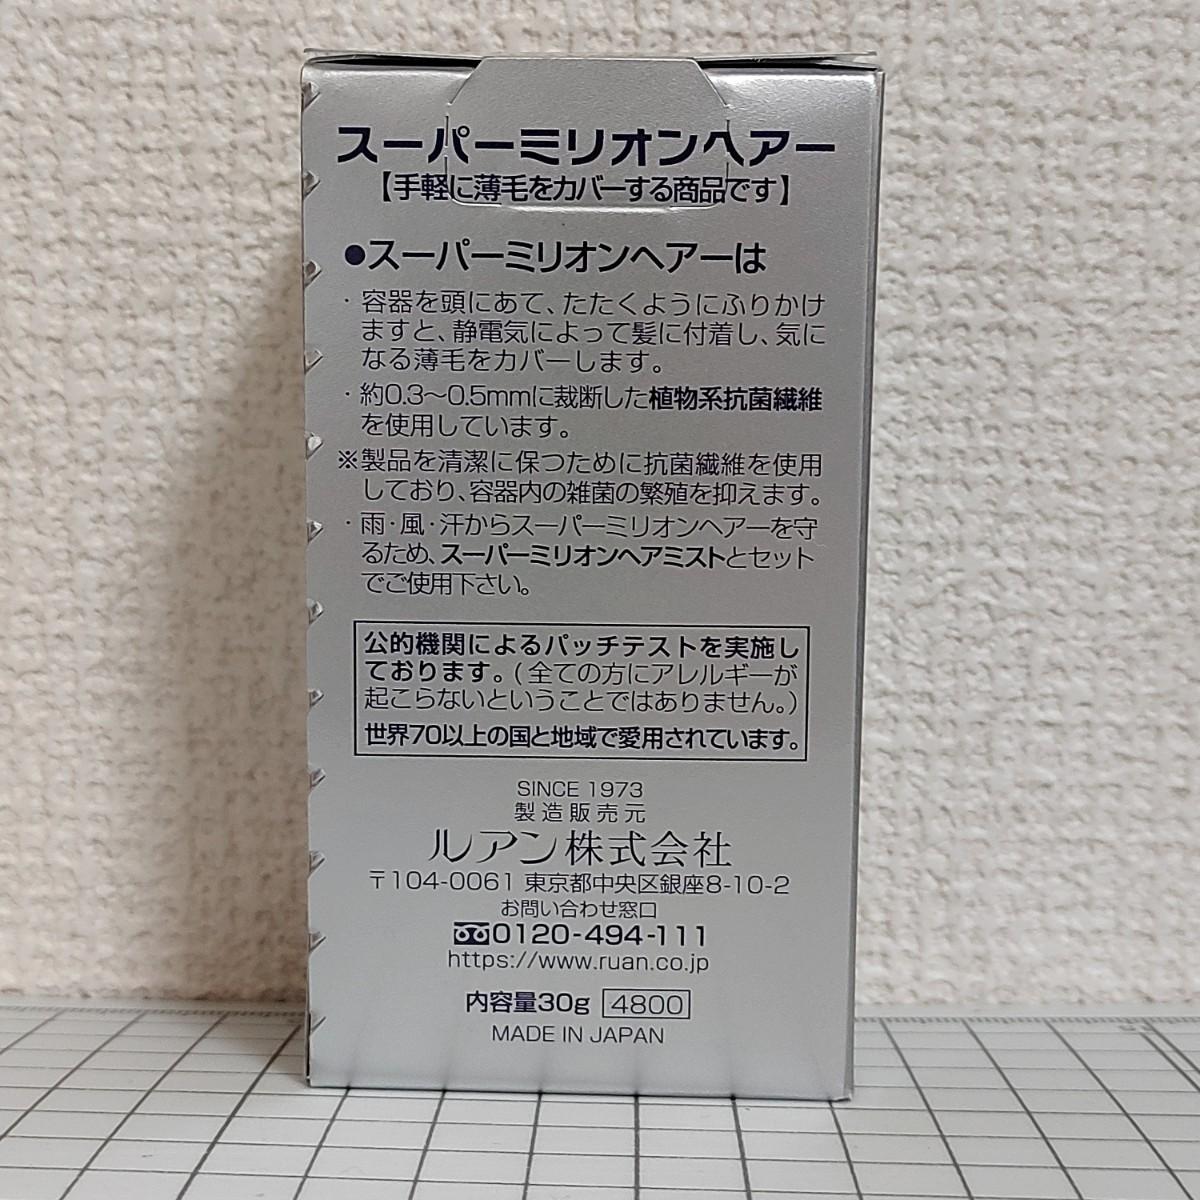 スーパーミリオンヘアー ライトブラウン 30g 1箱 新品・未開封